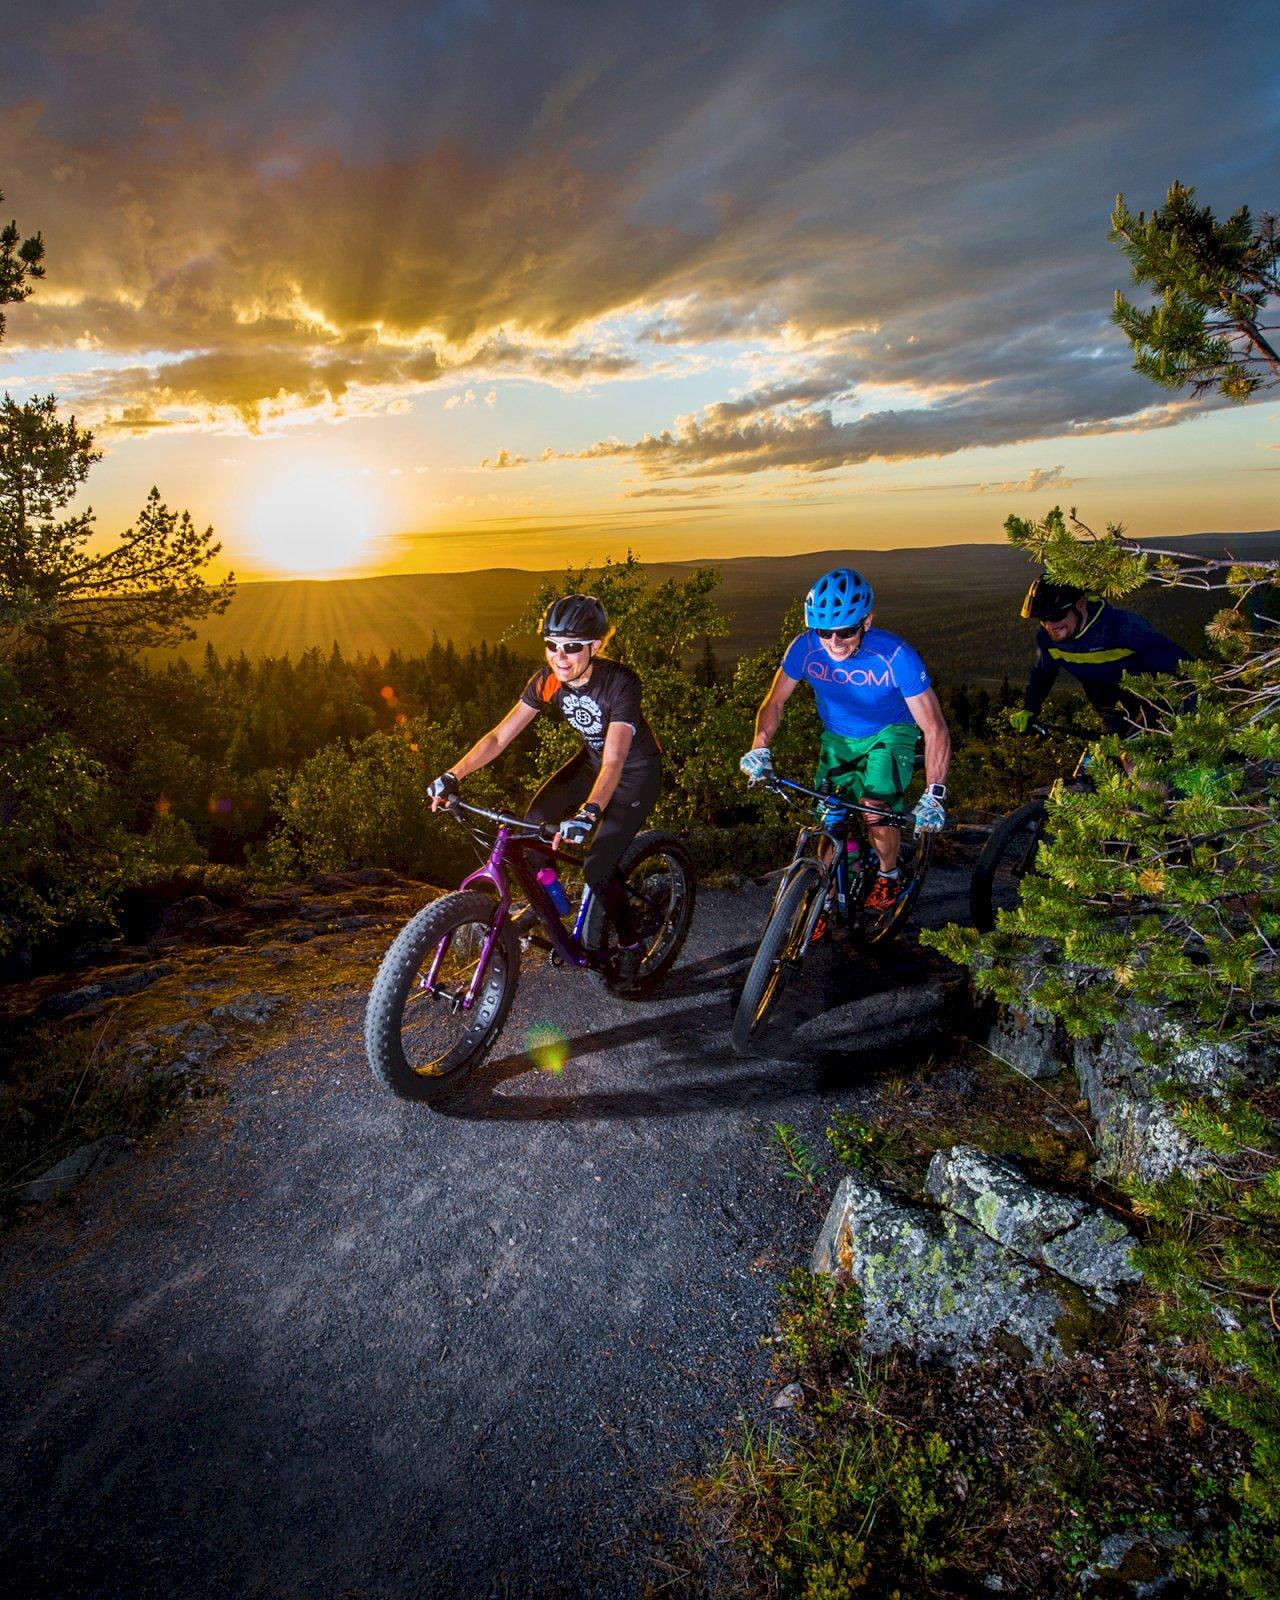 Kaksi fatbike-pyöräilijää korkealla Iso-Syötteen Bike Parkin rinteissä.